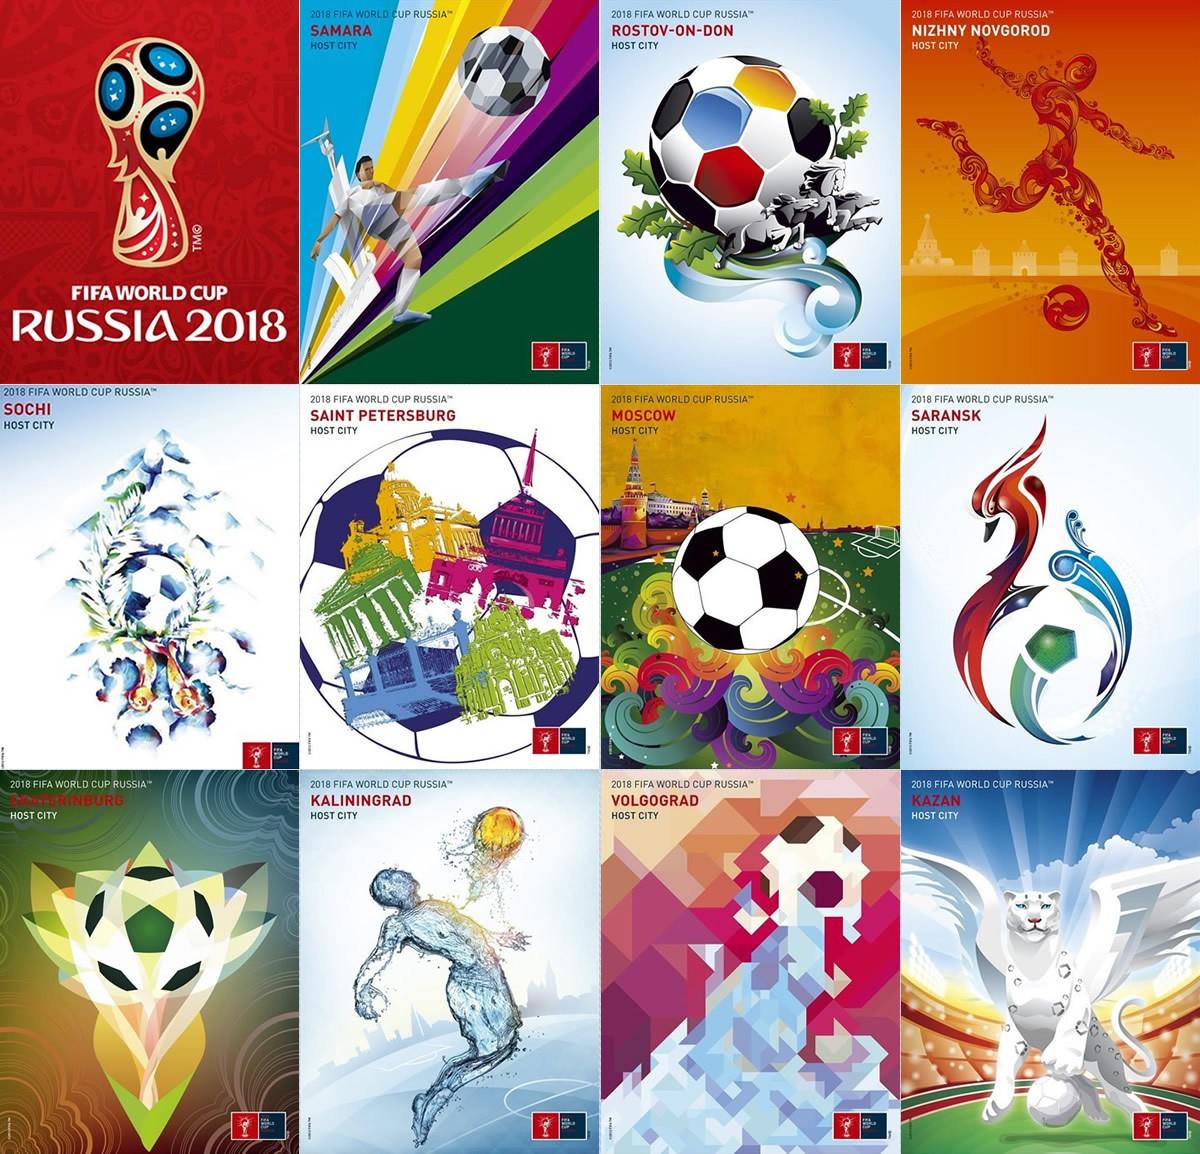 Los carteles de las 11 sedes el Mundial Rusia 2018 | Imágenes FIFA